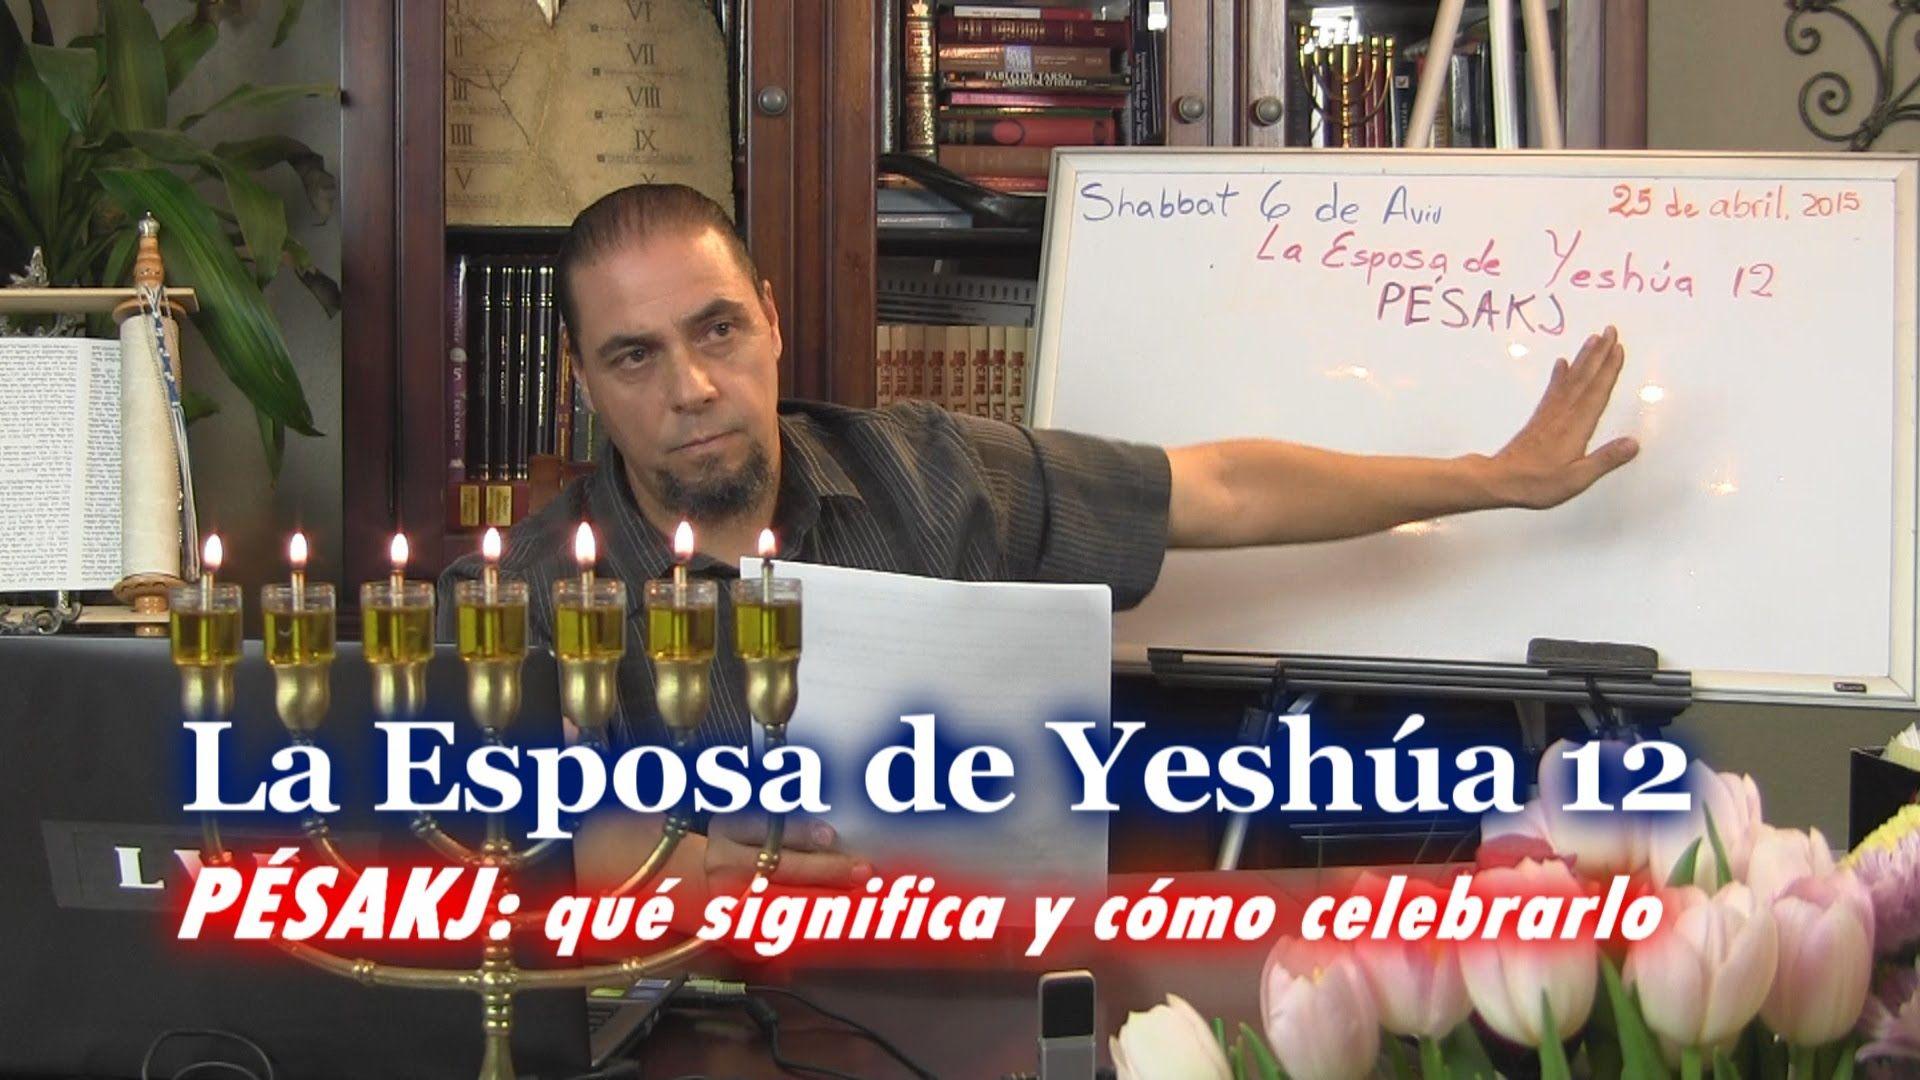 La Esposa de Yeshúa 12 -  Pésakj: Qué significa y cómo celebrarlo